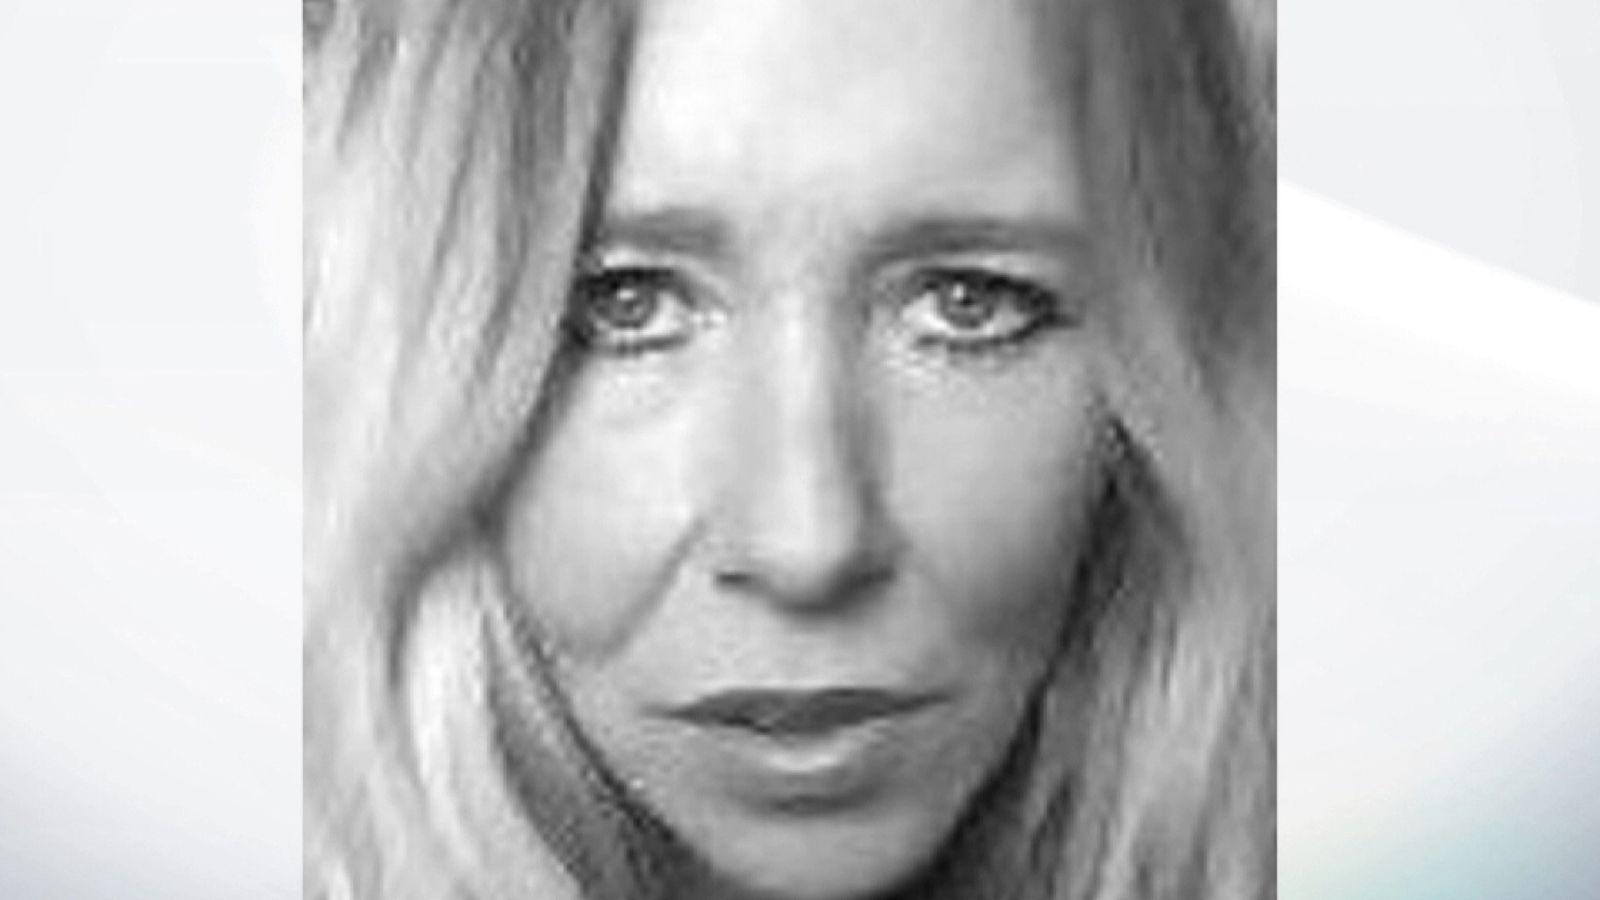 SE reclutador Sally Jones es conocido por ser vivos en Raqqa